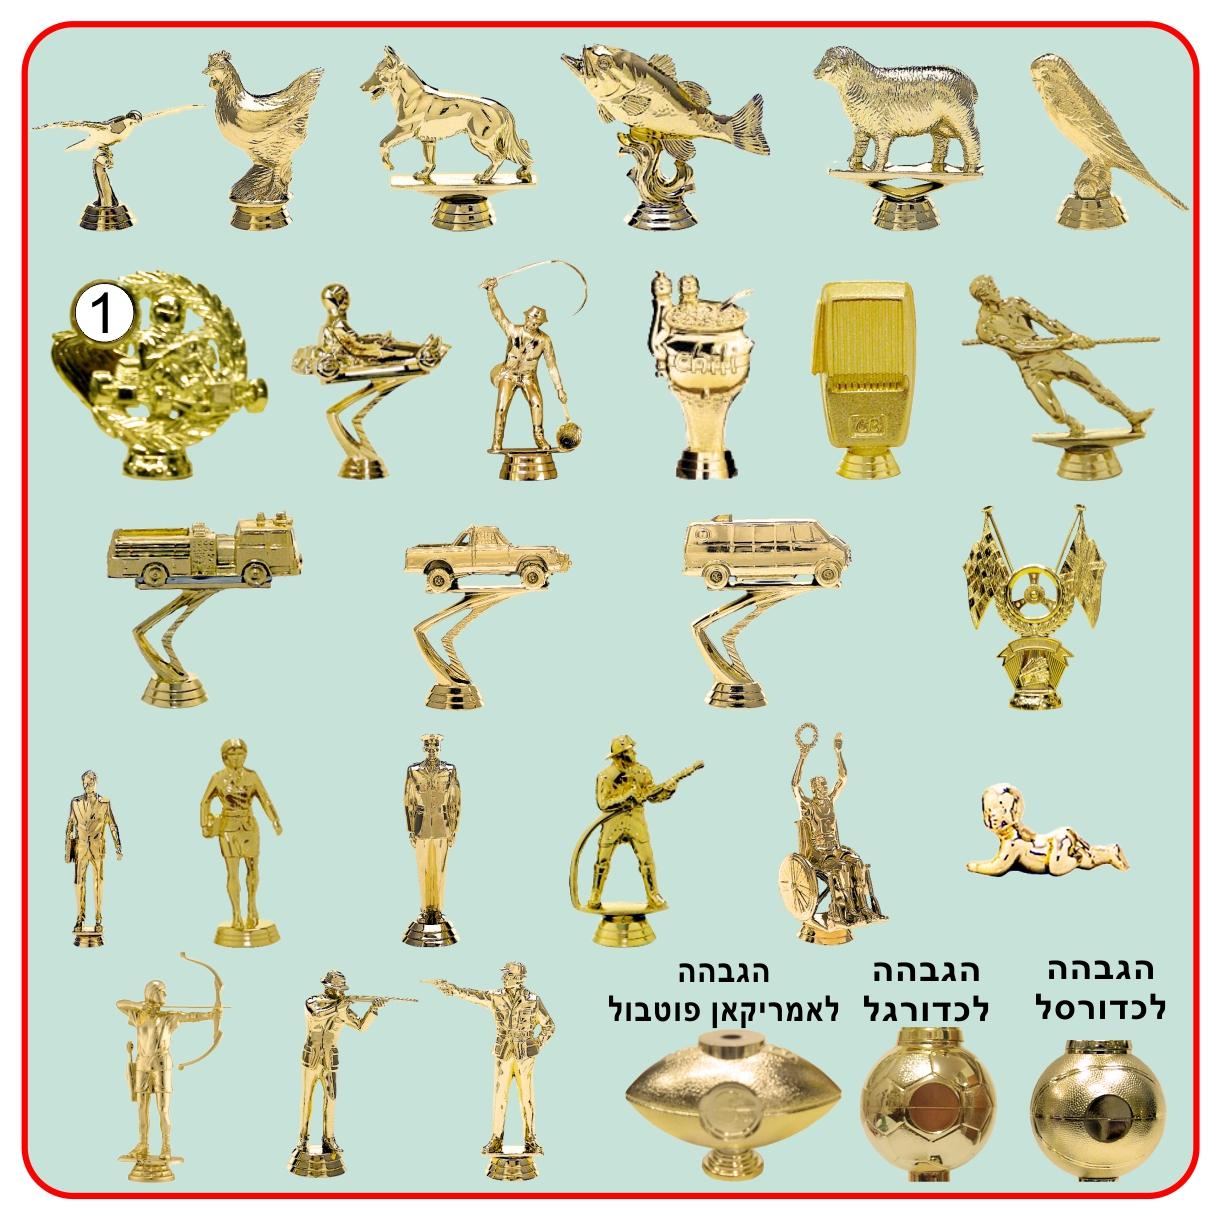 פסלוני חיות רכב ומיוחדים